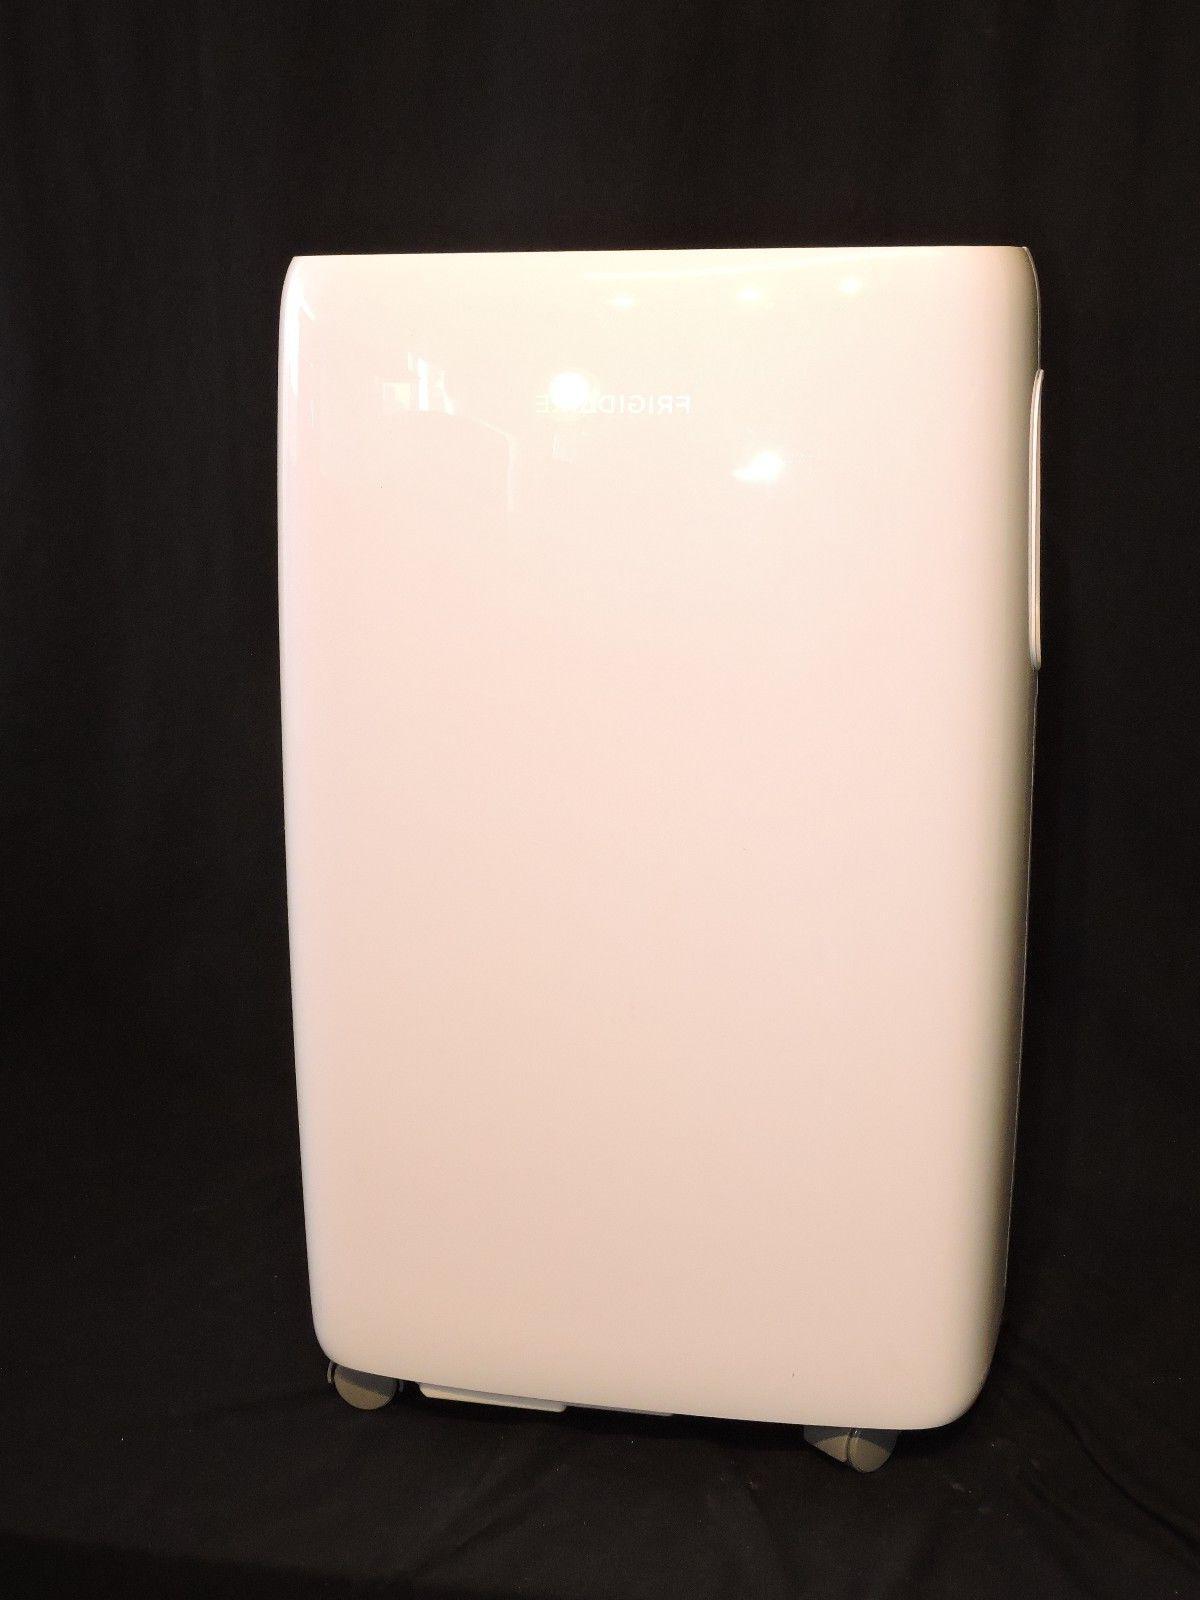 Frigidaire Portable Air 10,000